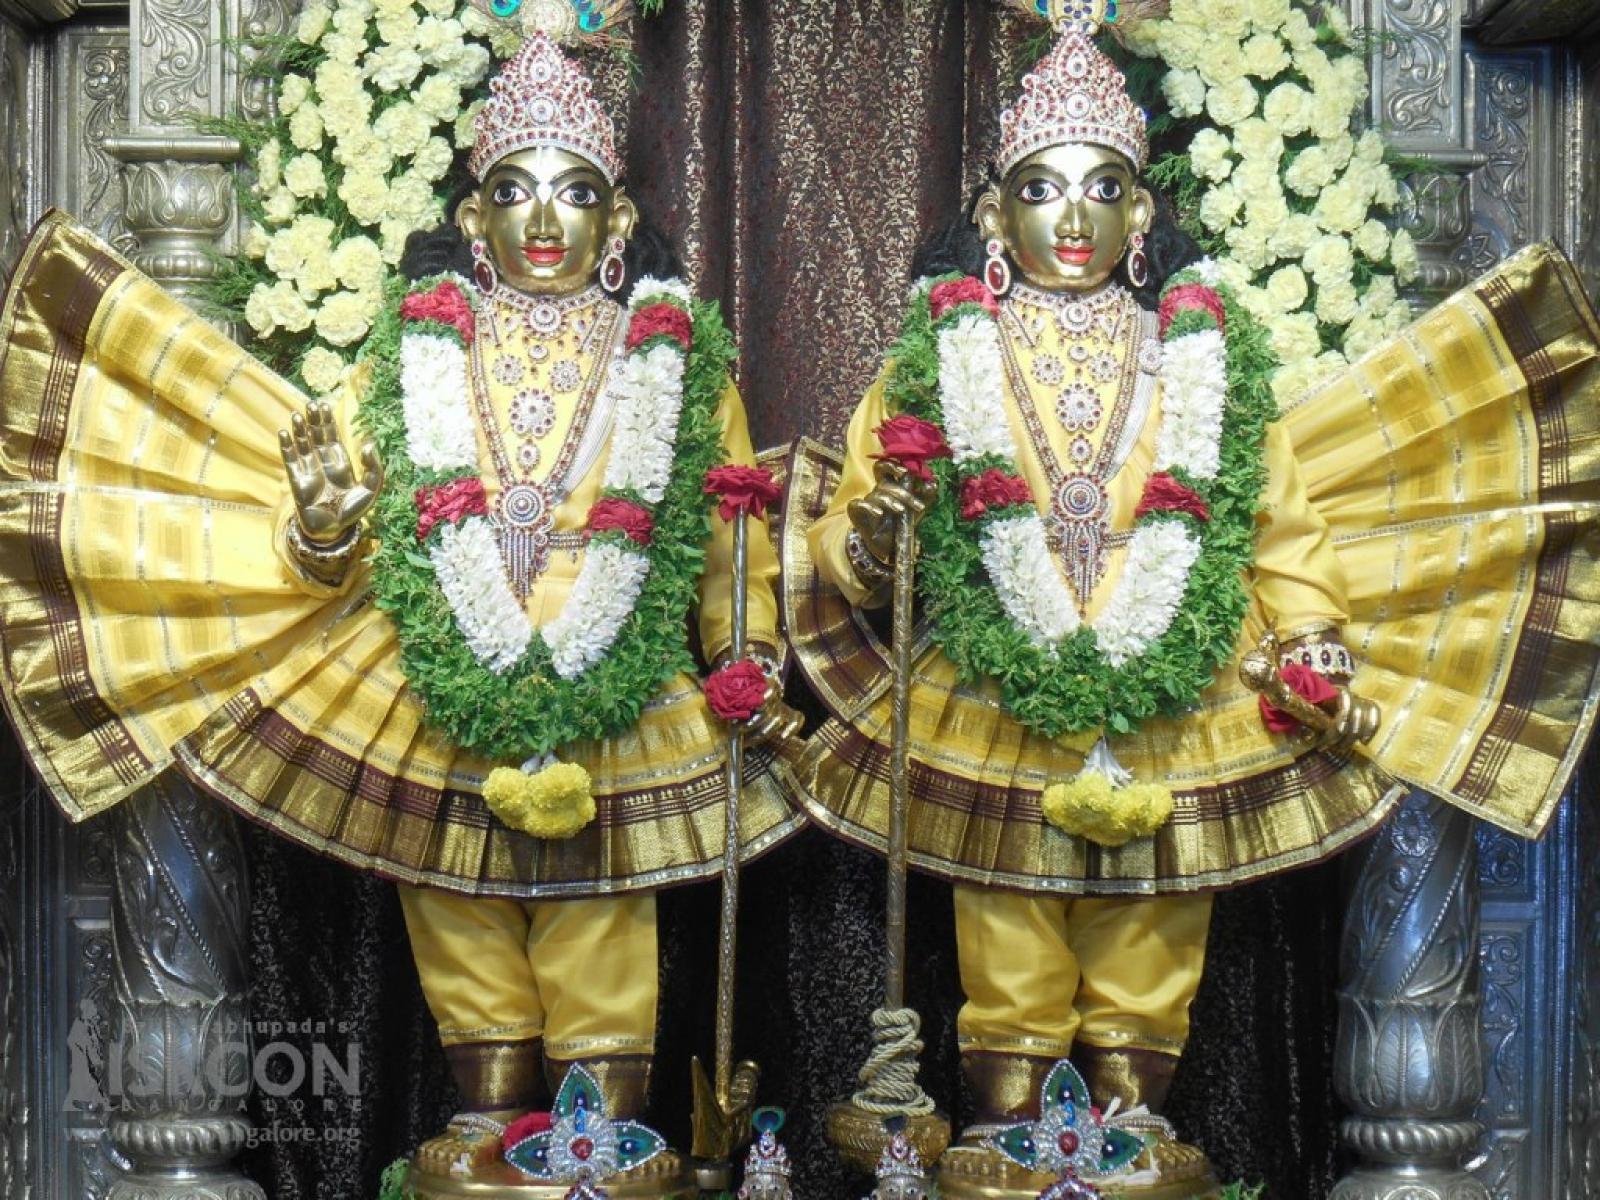 Sri Krishna Balarama